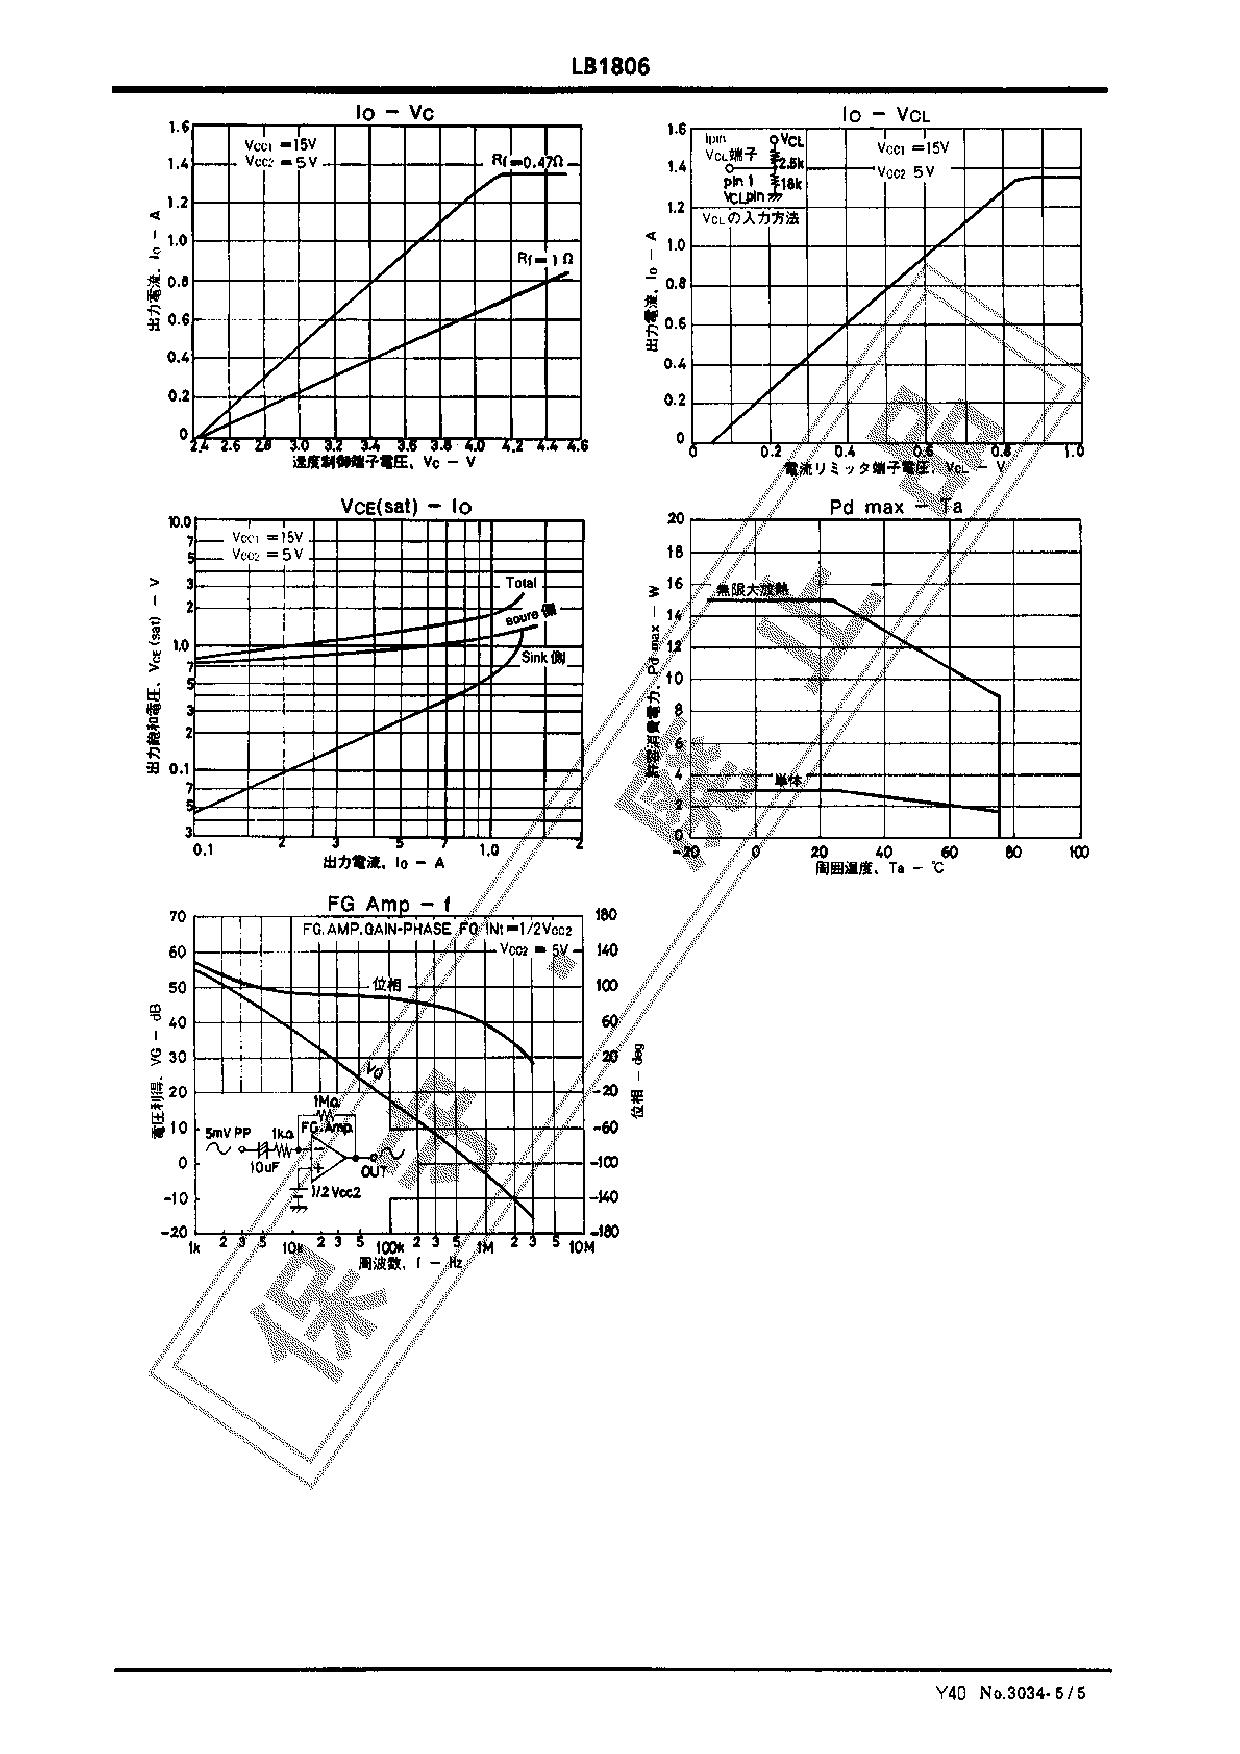 LB1806 pdf